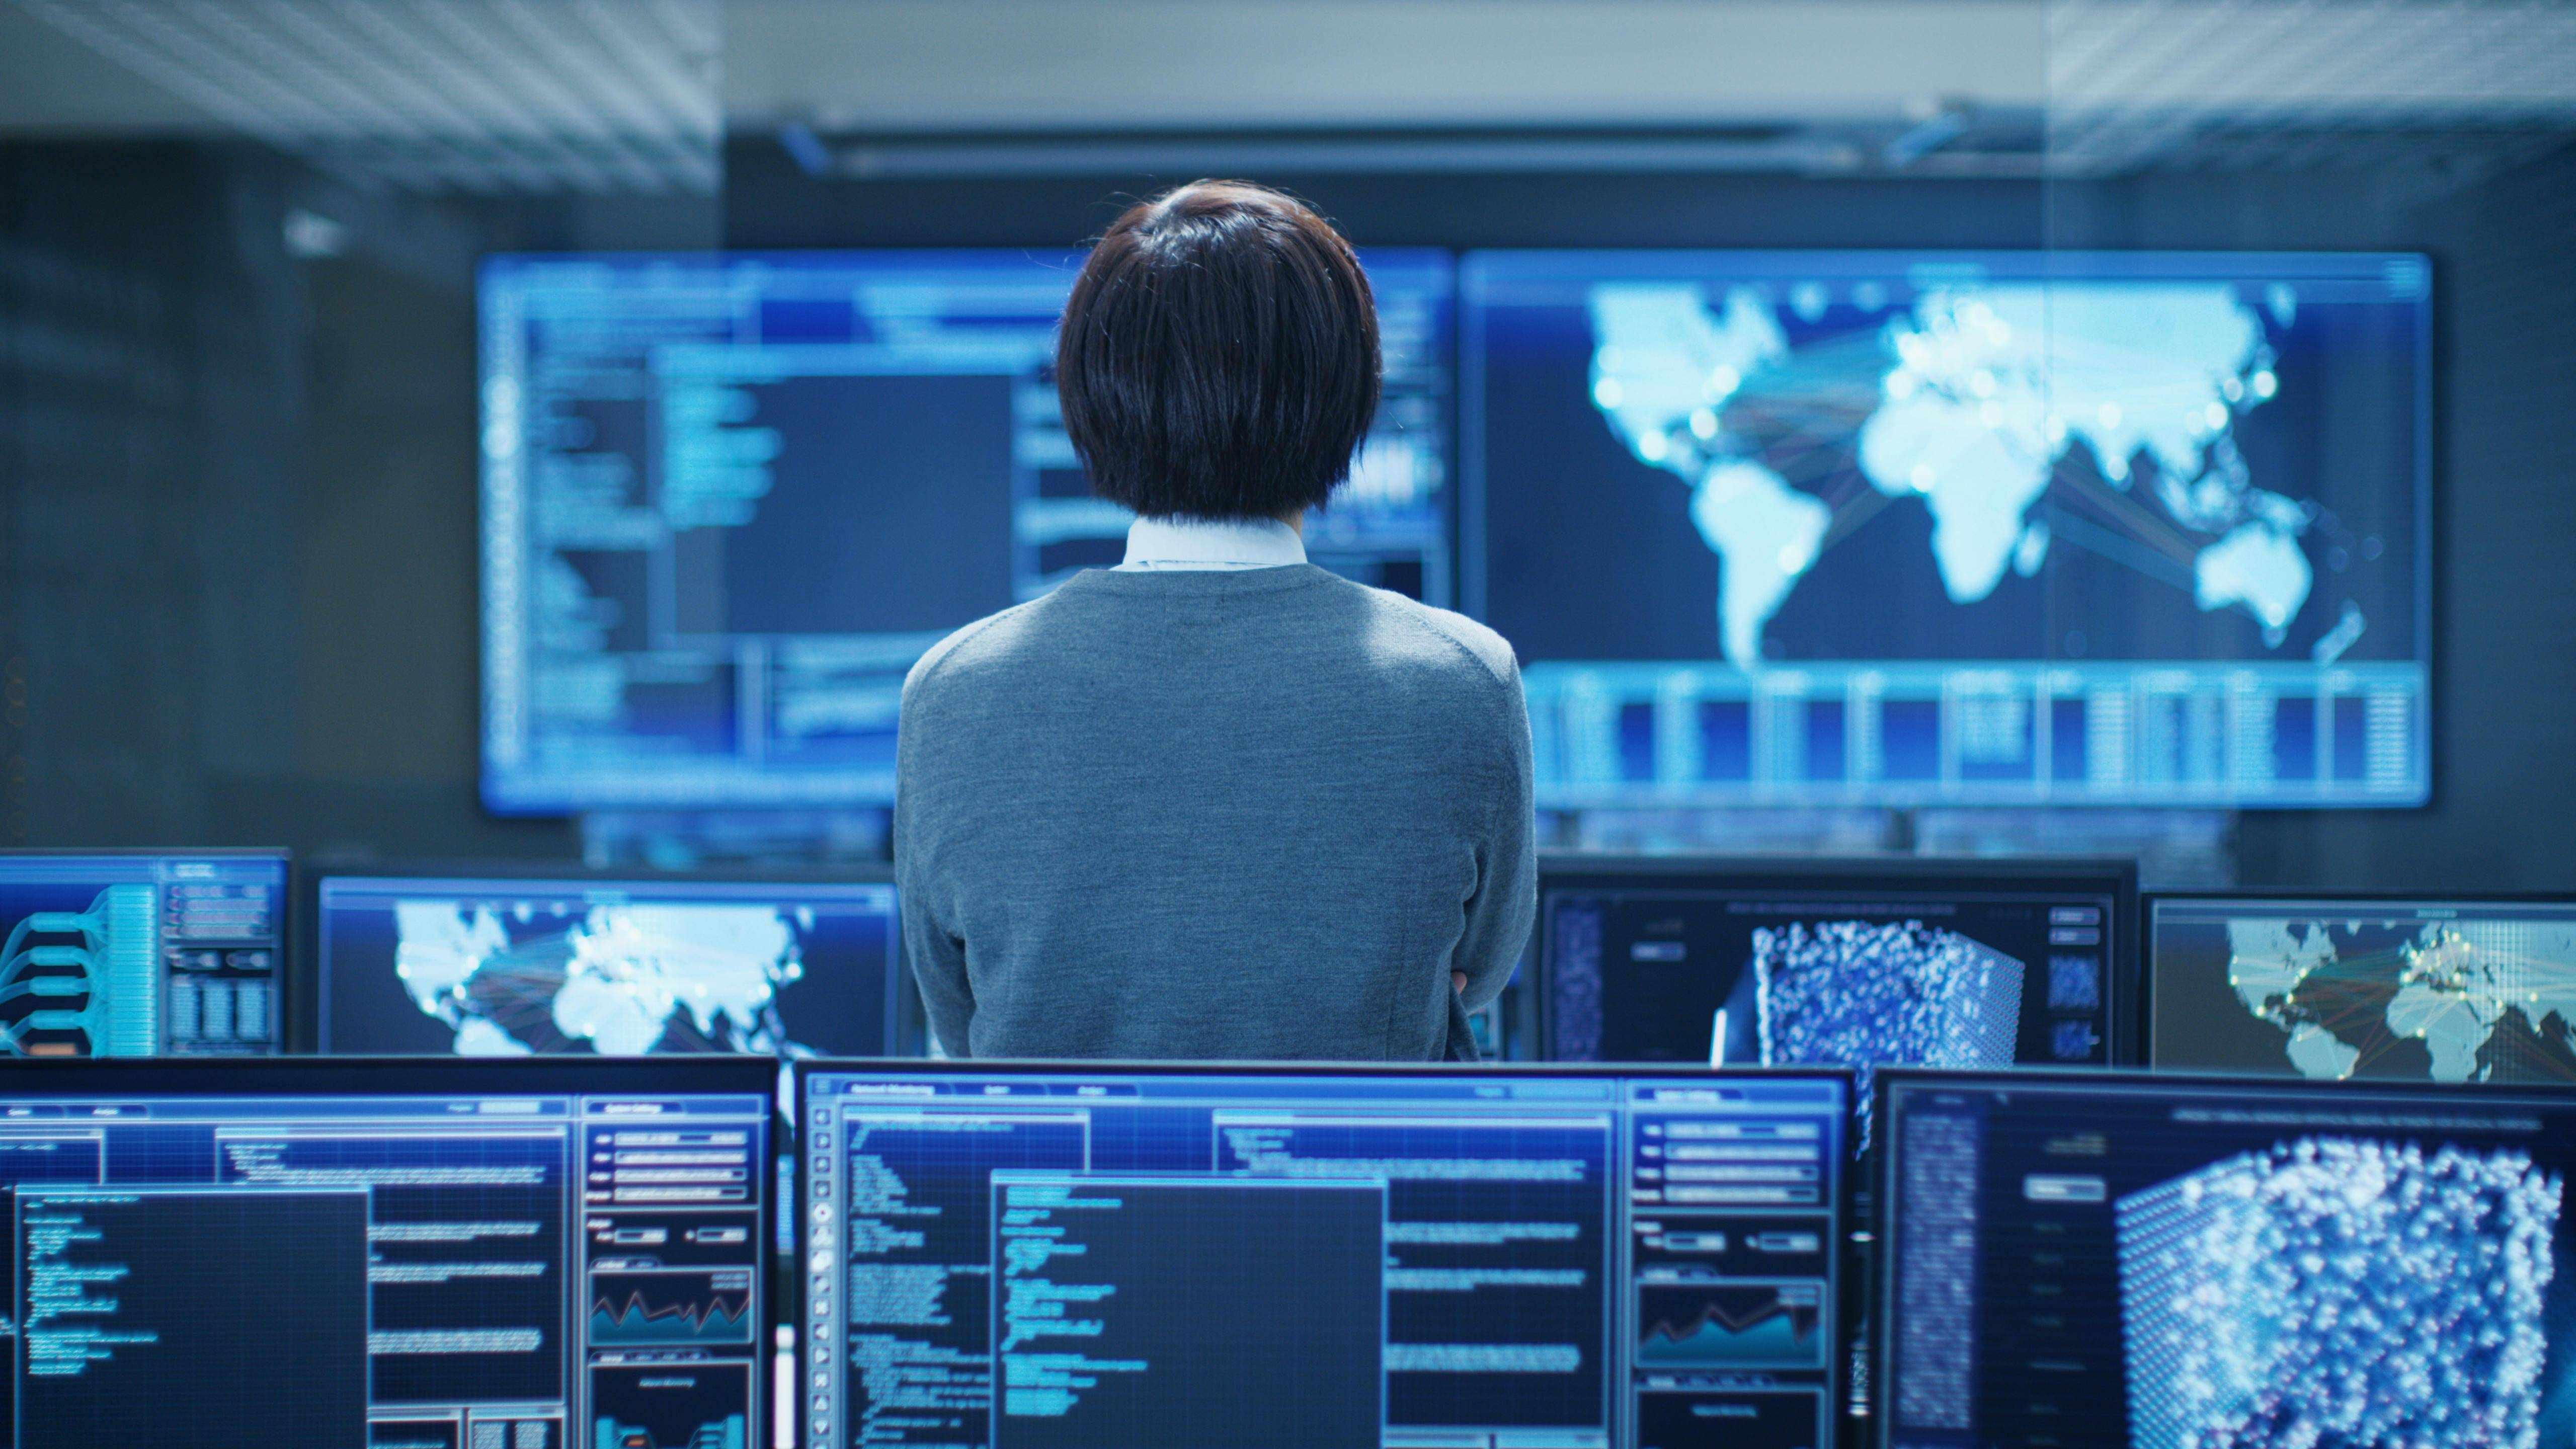 uae quantum computer cyberattacks data